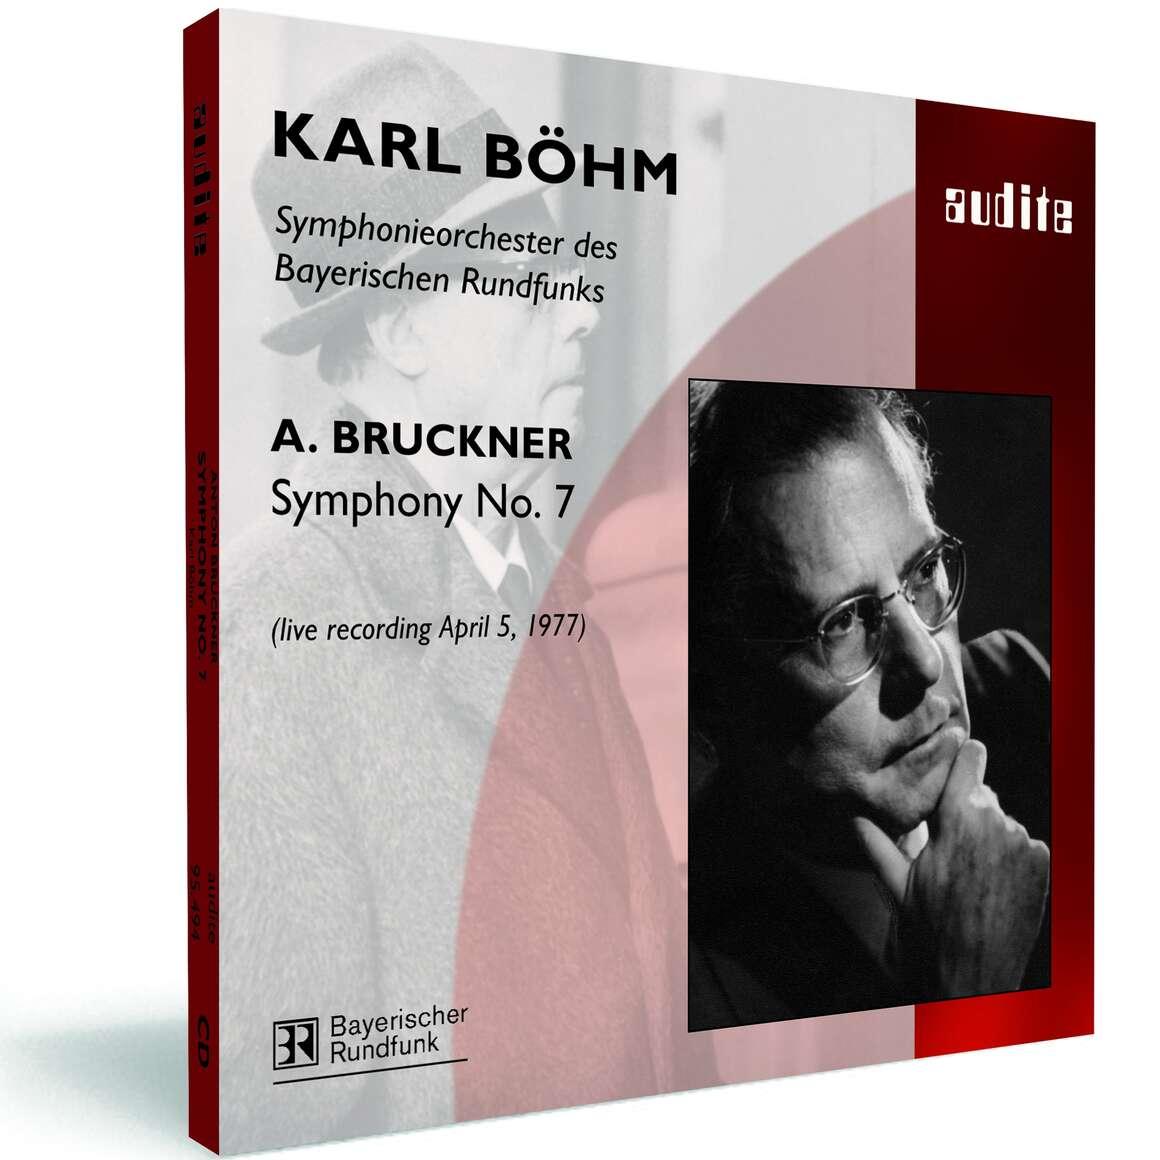 A. Bruckner: Symphony No. 7